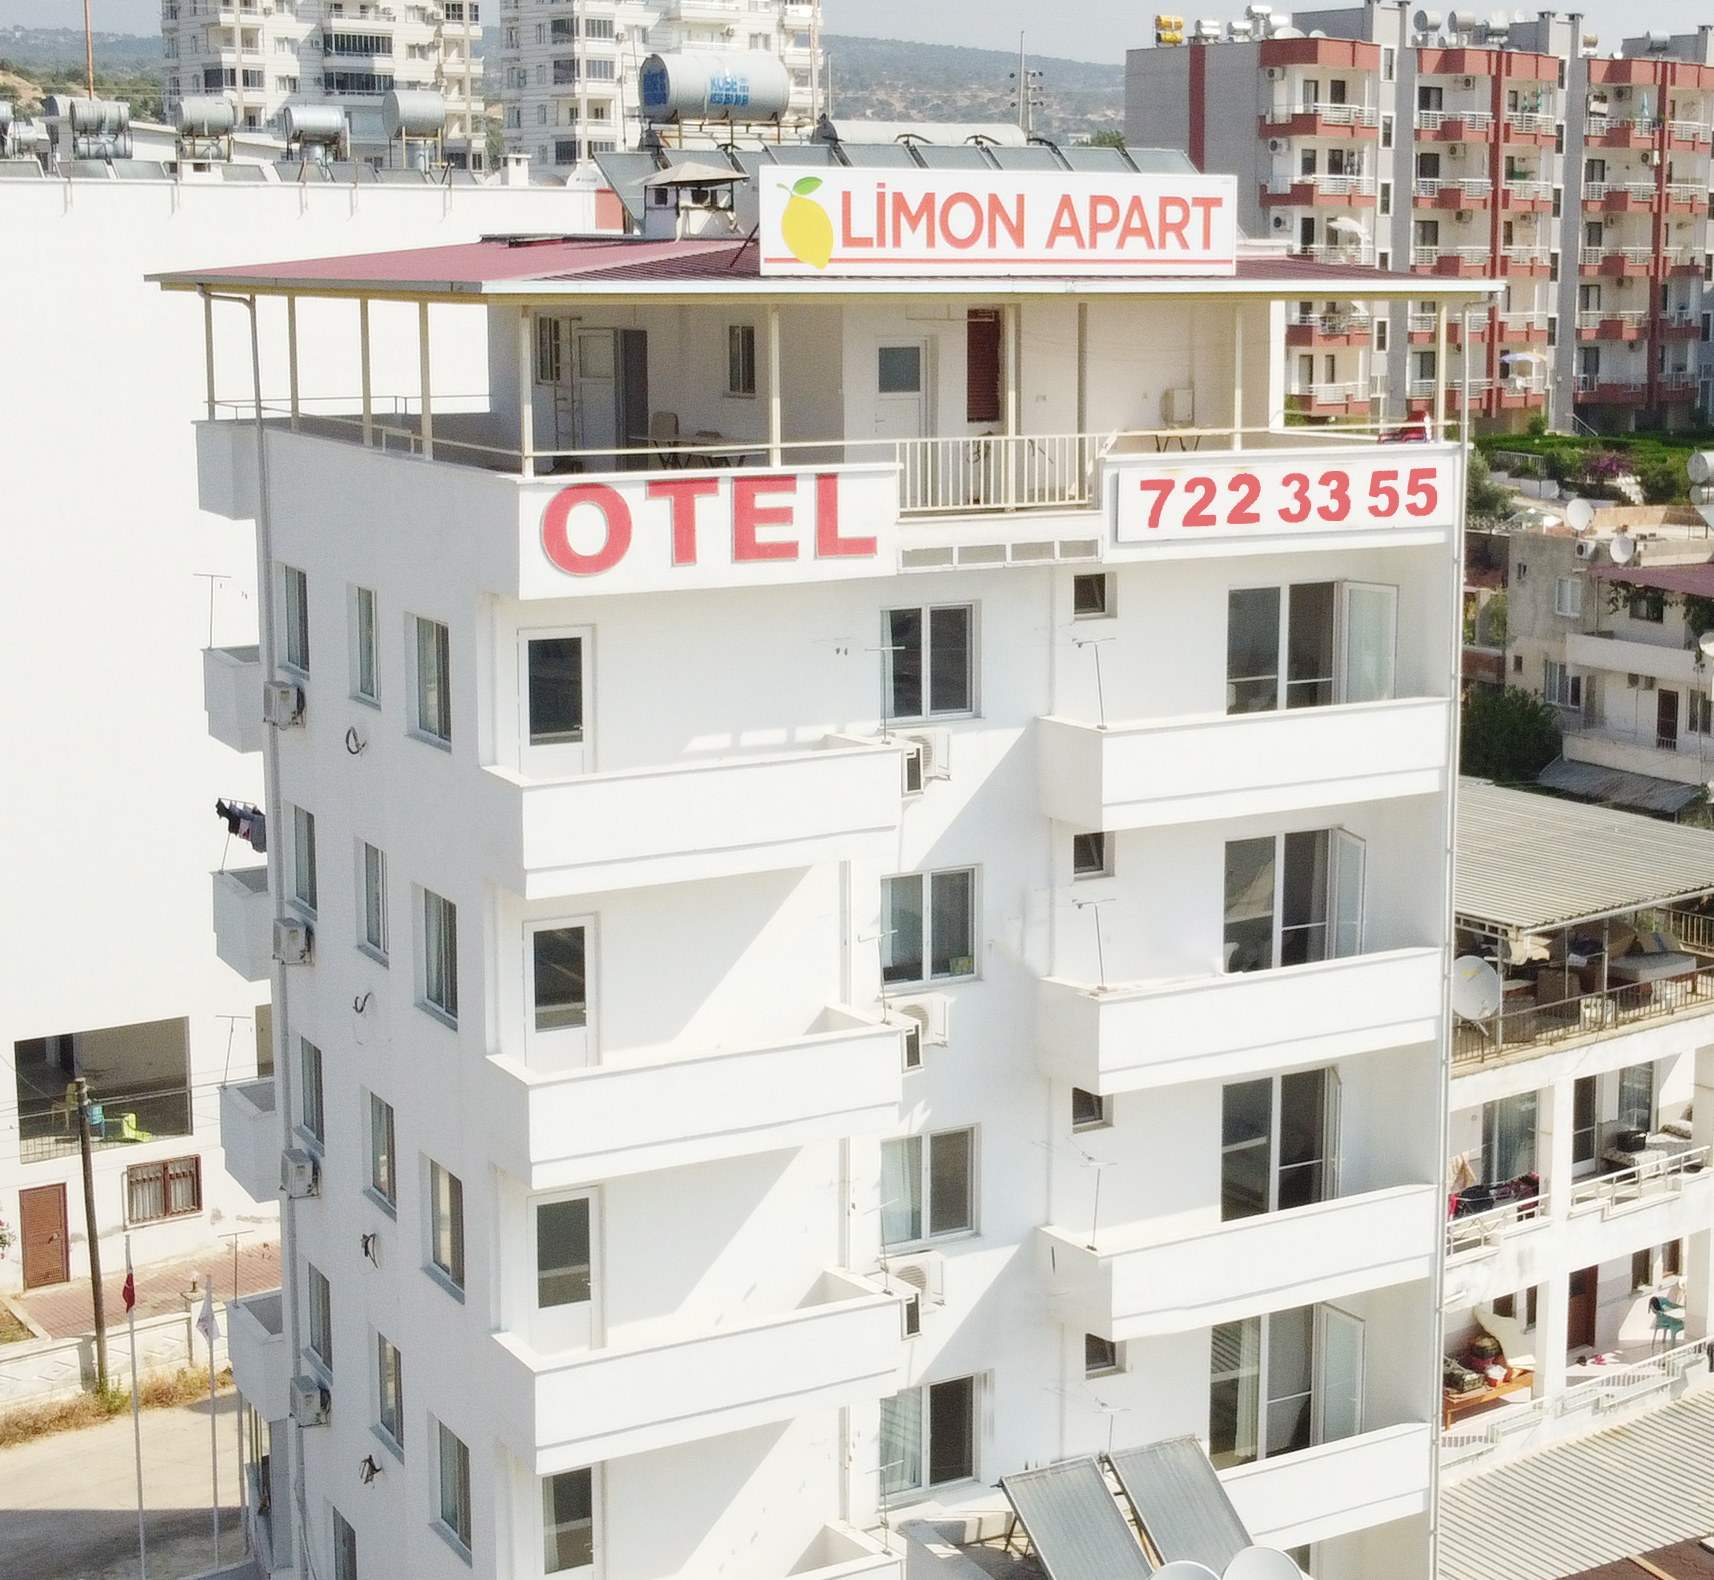 Limon Apart Otel